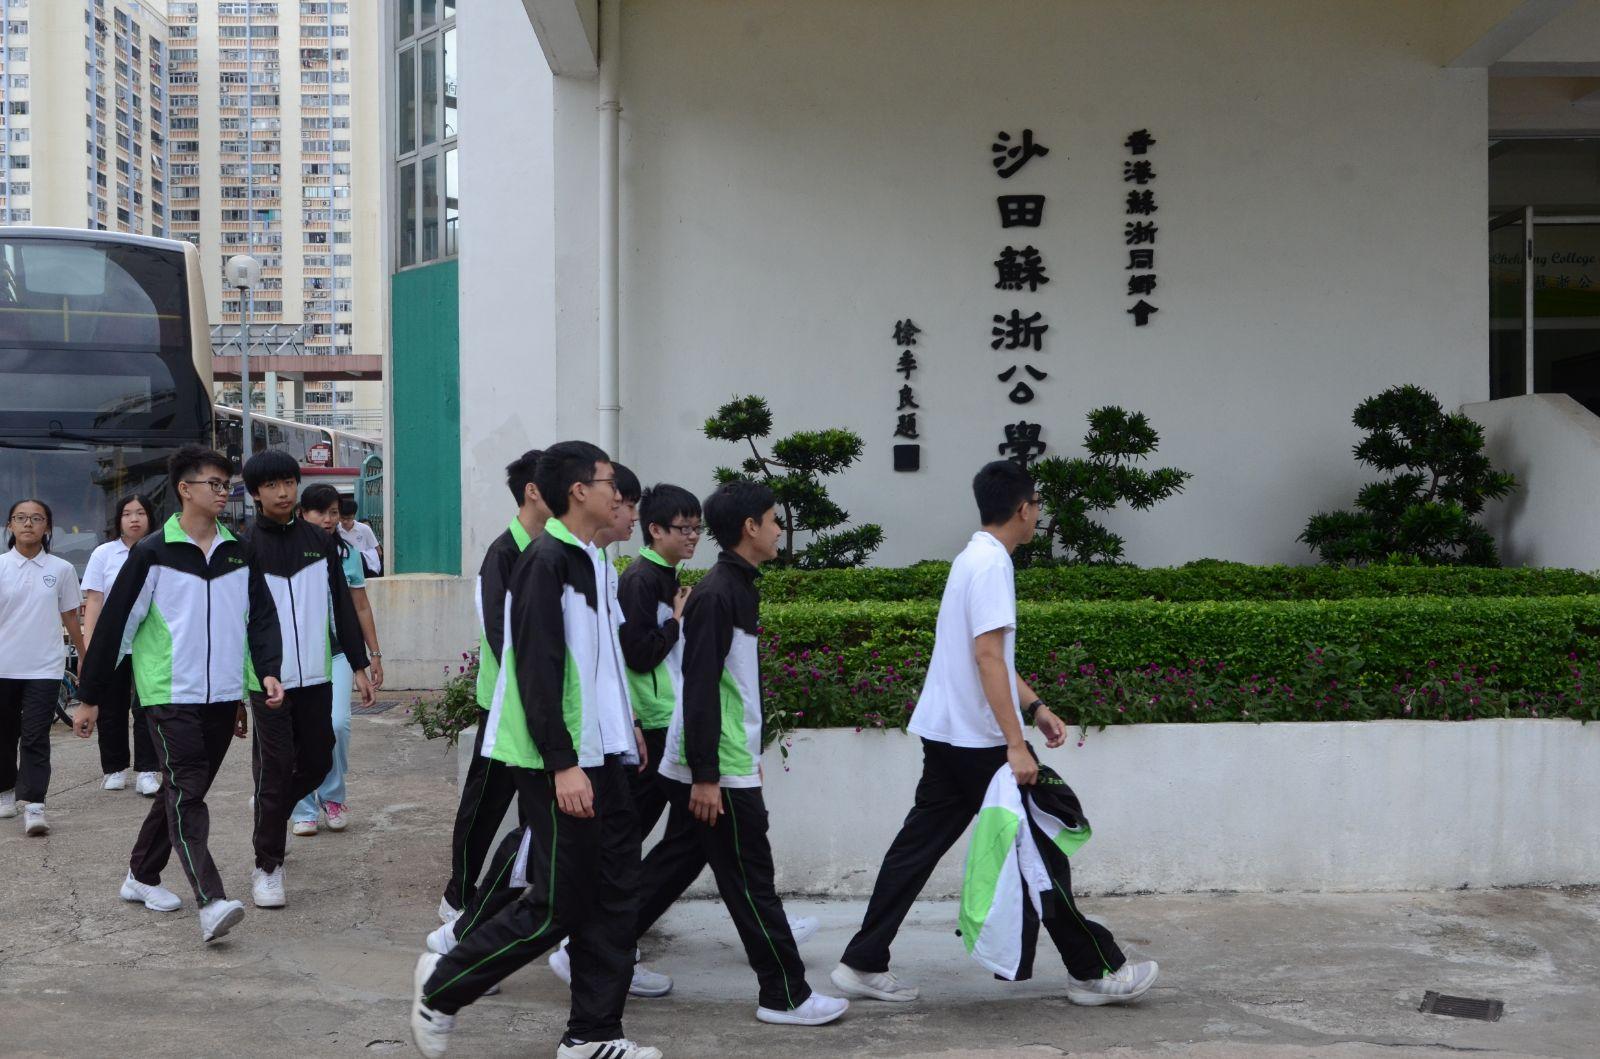 沙田蘇浙公學爆肺癆八人中招,疑同一源頭感染 。